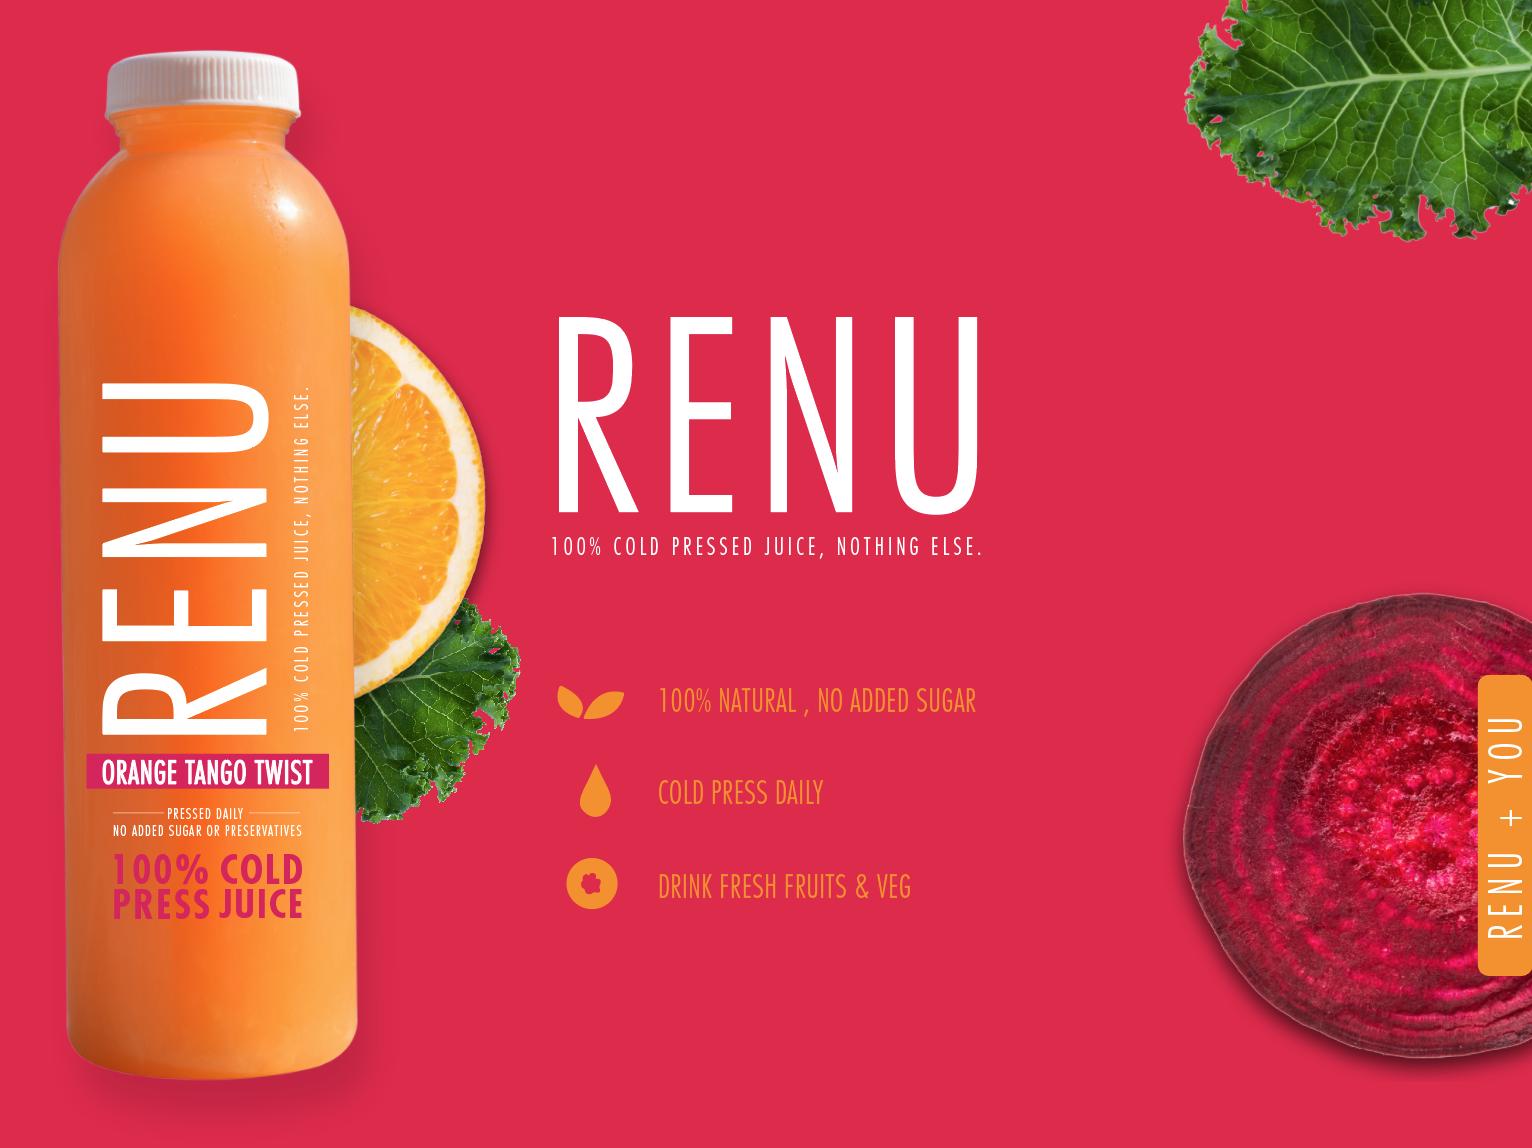 RENU - Immune Boost